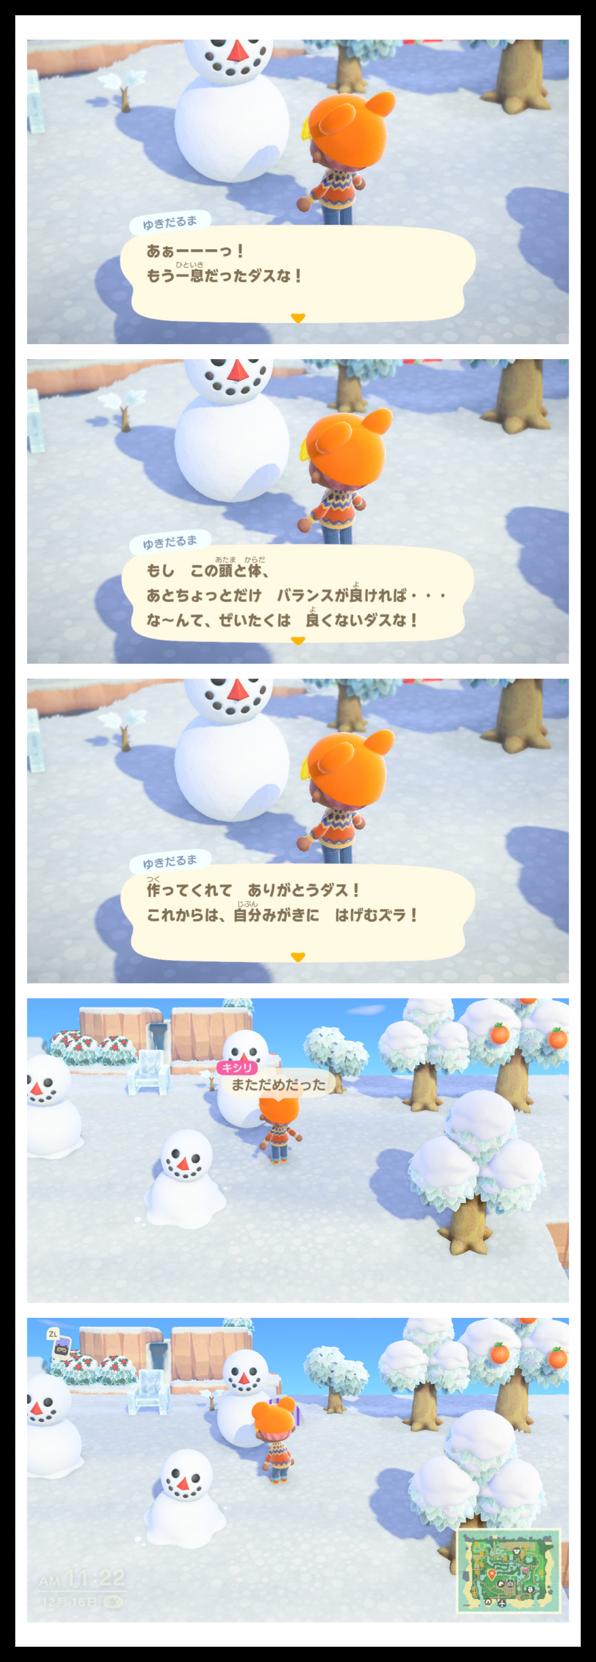 冬 あ つもり